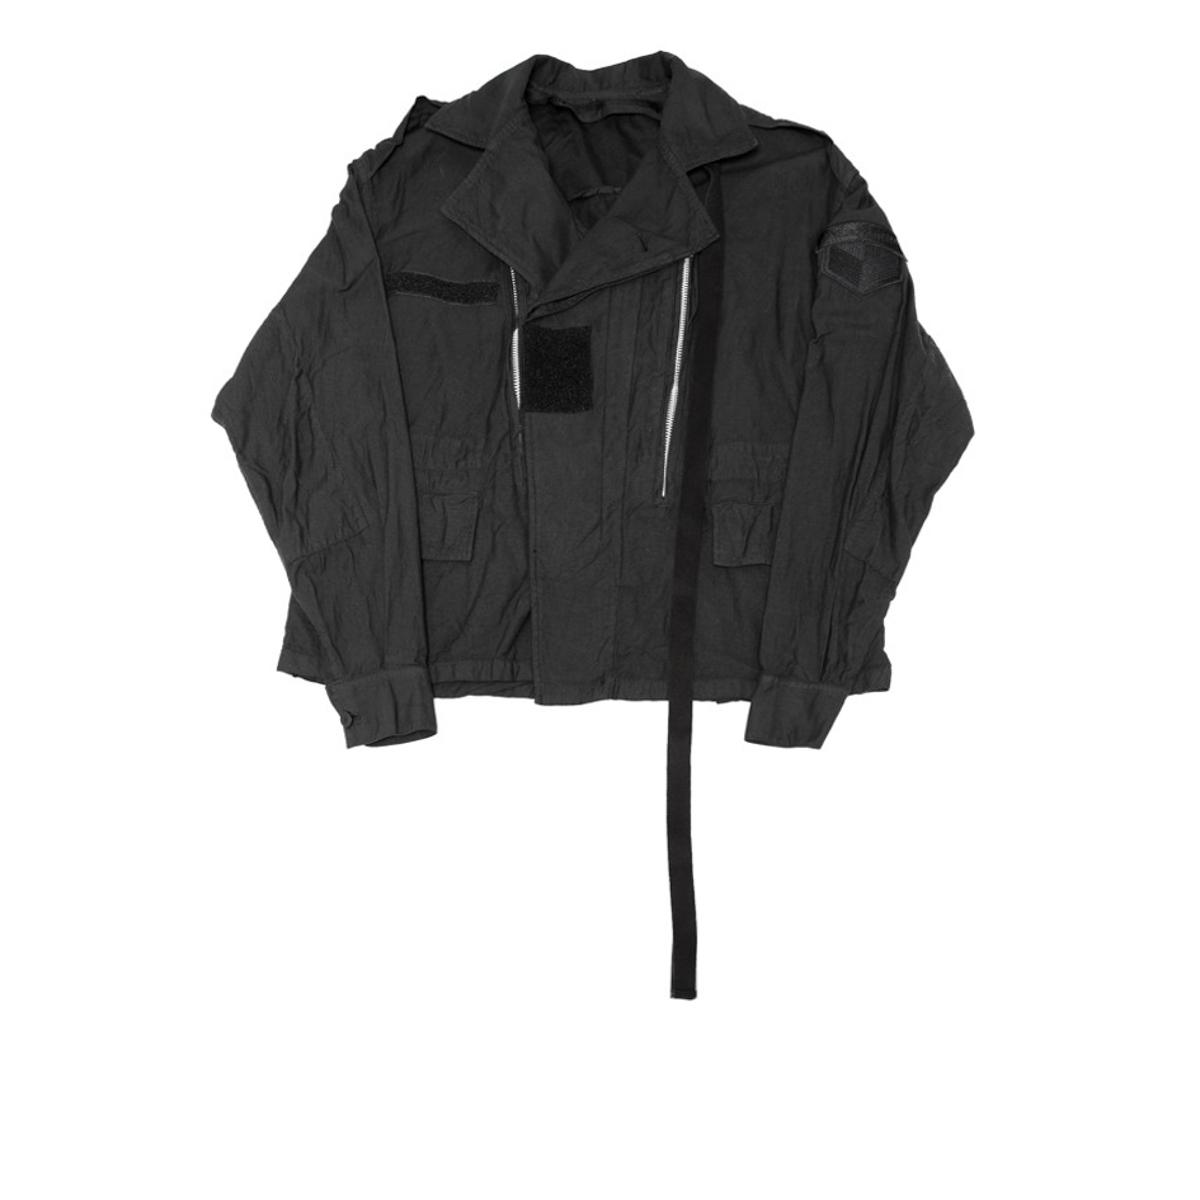 597BLM4-BLACK / レイヤードミリタリージャケット